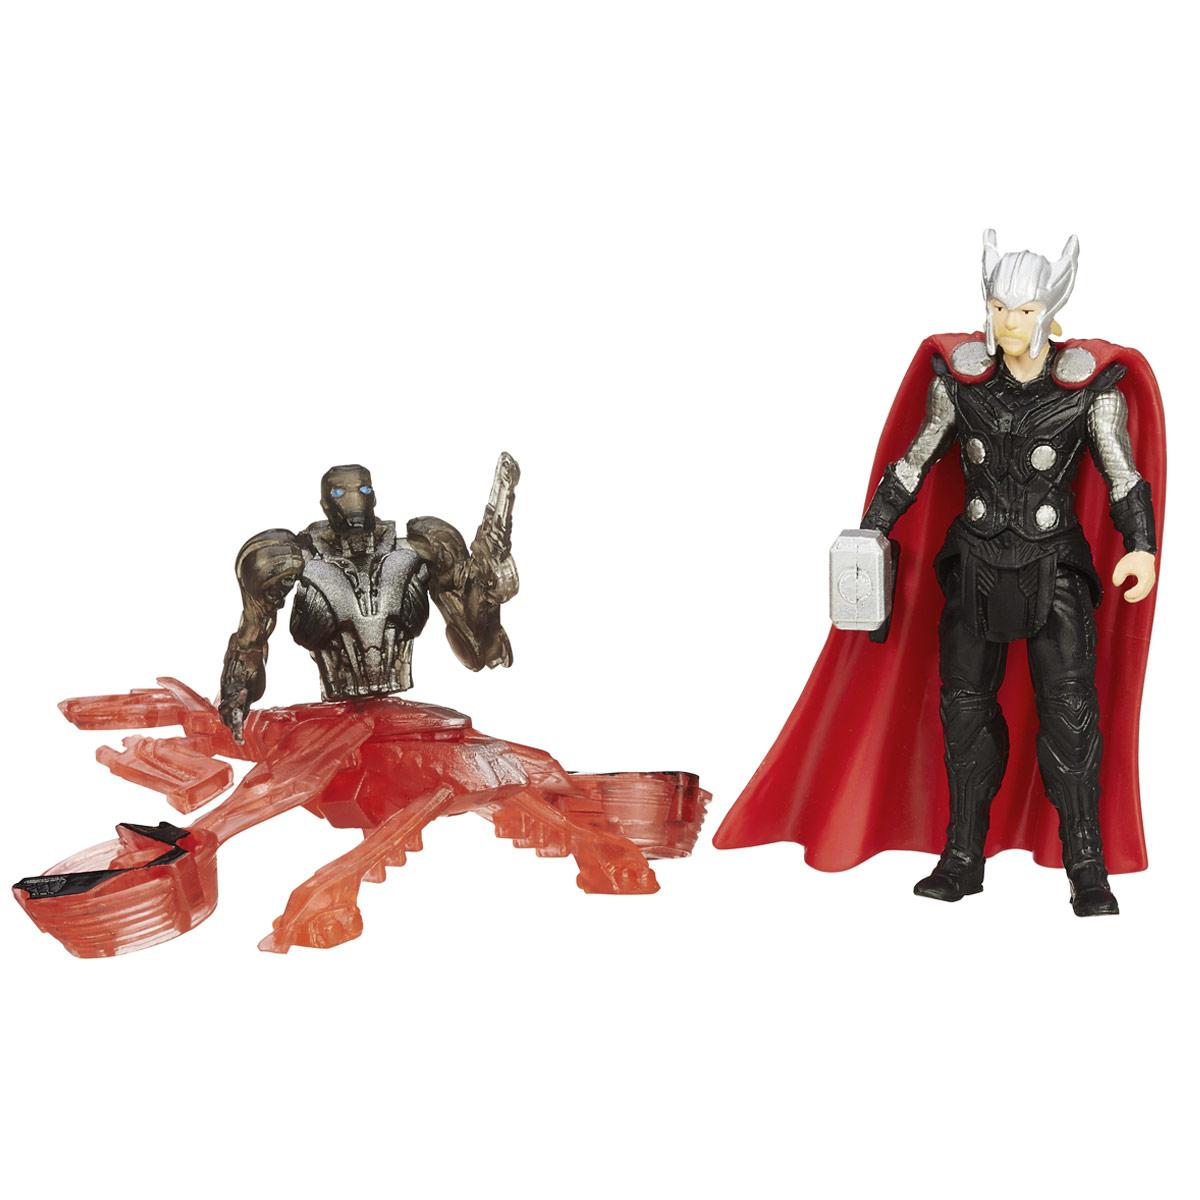 Мини-фигурка Avengers Thor, с аксессуарамиB5768EU4_B1486Мини-фигурка Avengers Thor непременно привлечет внимание вашего ребенка и не позволит ему скучать. Фигурка выполнена в виде супергероя Тора из команды Мстителей. В комплект также входят элементы для сборки фигурки Sub-Ultron 005. Фигурка выполнена из прочного безопасного пластика. Она в точности повторяет внешний вид героя фильма. Голова, руки и ноги фигурки подвижны, что позволяет придавать ей различные позы и открывает малышу неограниченный простор для игр. Соберите все мини-фигурки героев Marvel от Hasbro, и соедините фигурки Sub-Ultron в большого боевого робота! Небольшие размеры фигурки позволят ребенку брать ее с собой на прогулку и в гости, так что малышу не придется расставаться со своей игрушкой. Он проведет множество счастливых мгновений, играя с ней и придумывая различные истории.